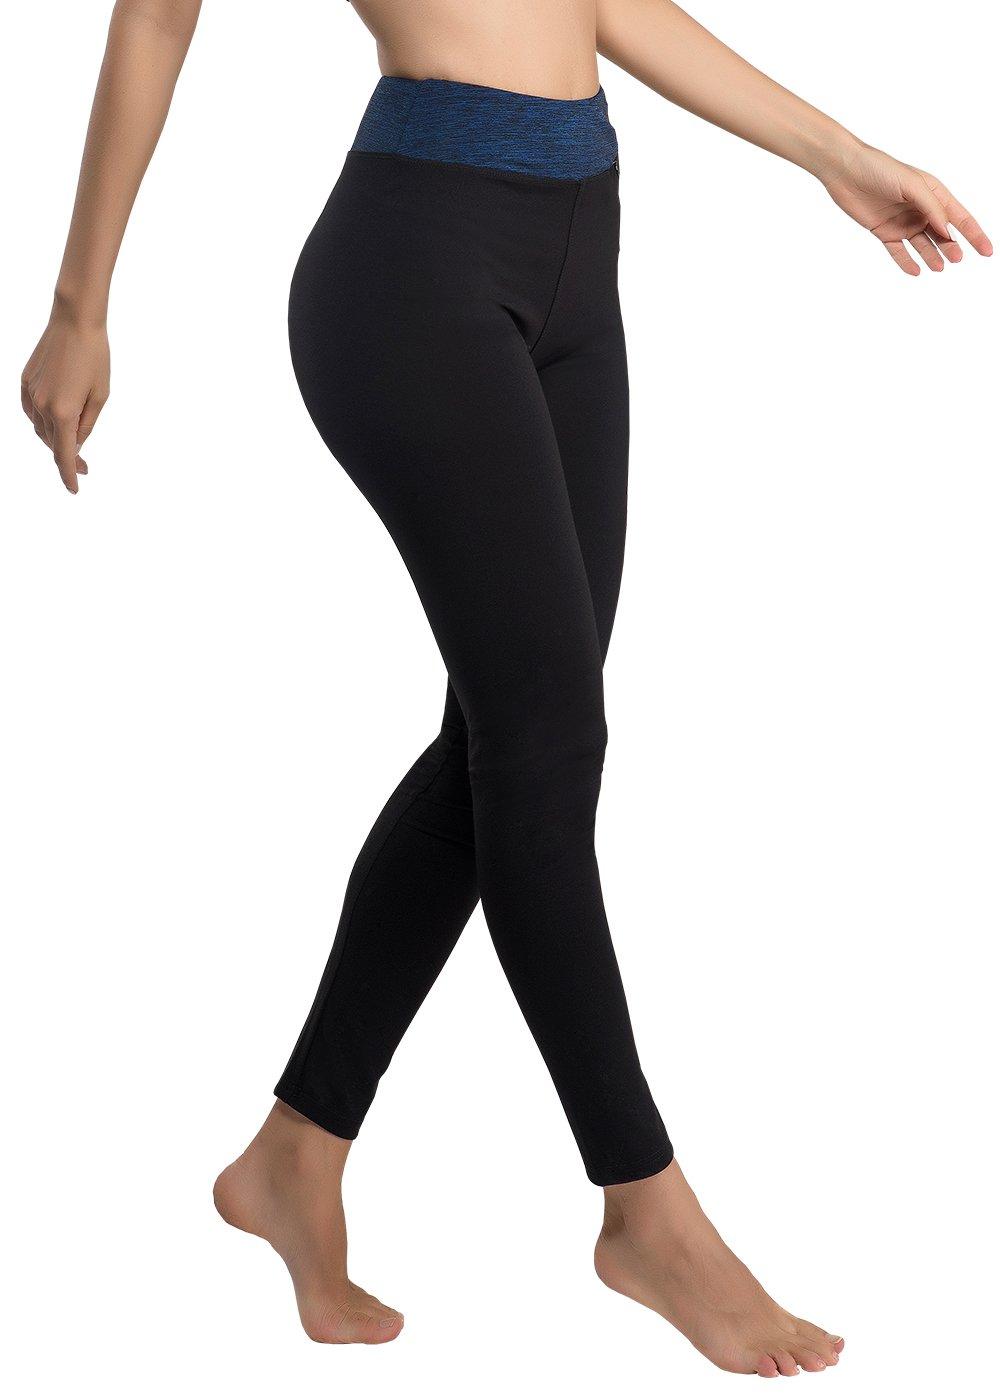 1f2be137d774 VANIS Mallas Deportivas Mujer Yoga Leggings Pantalon Elastico Cintura  Altura Polainas para Running Gym Pilates Fitness - Mejores Precios